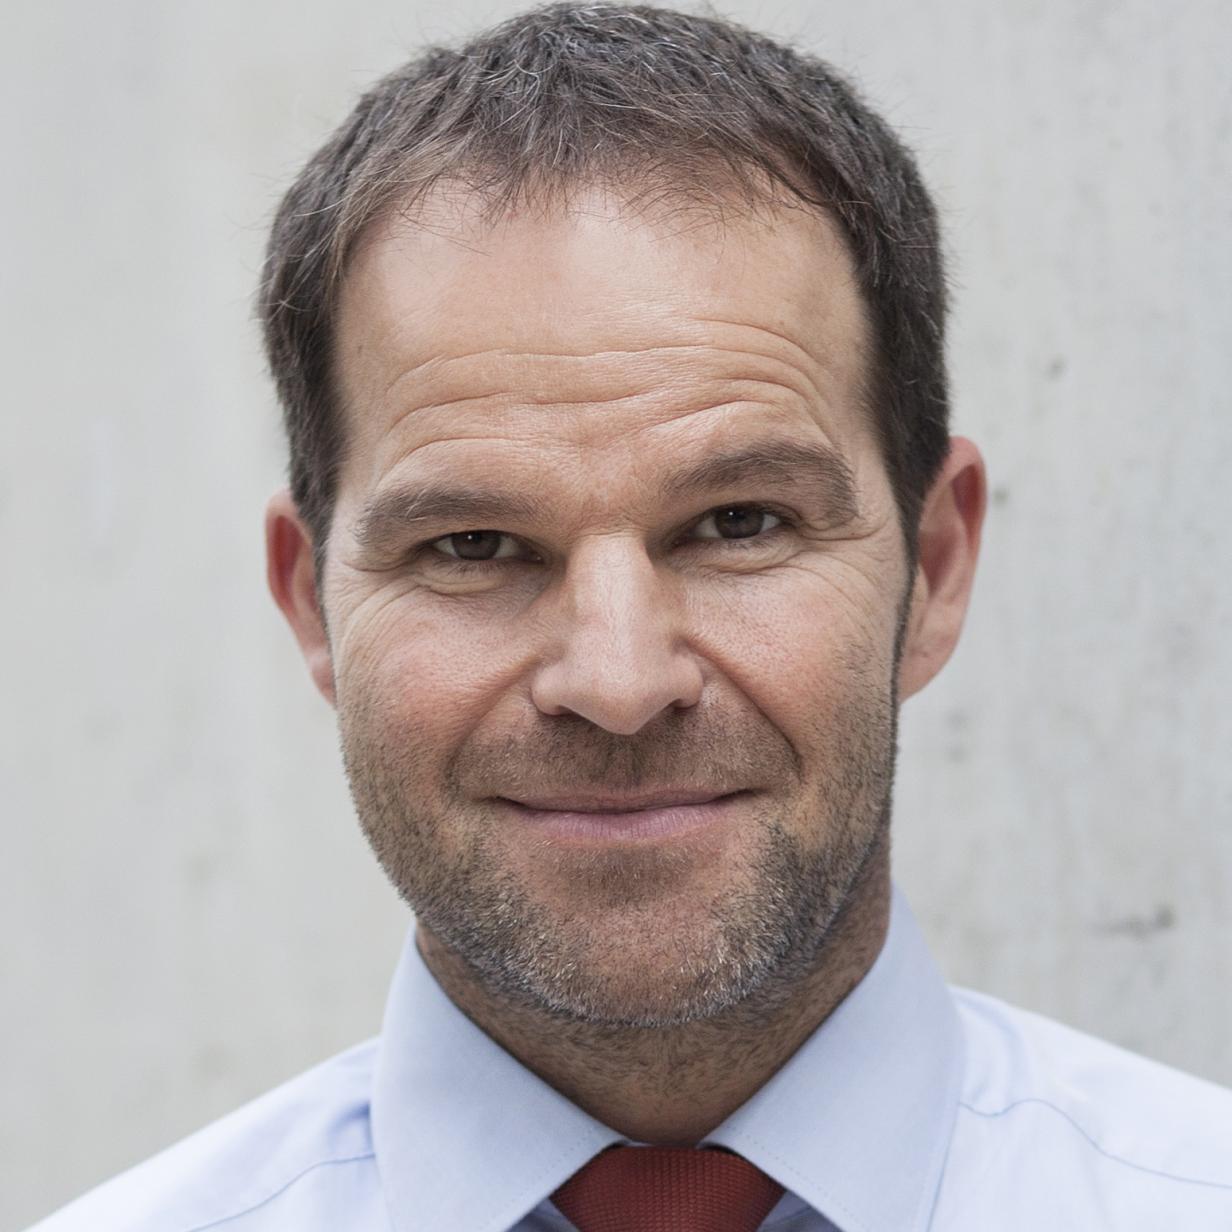 Partnersuche in St. Plten - Kontaktanzeigen - 50plus-Treff